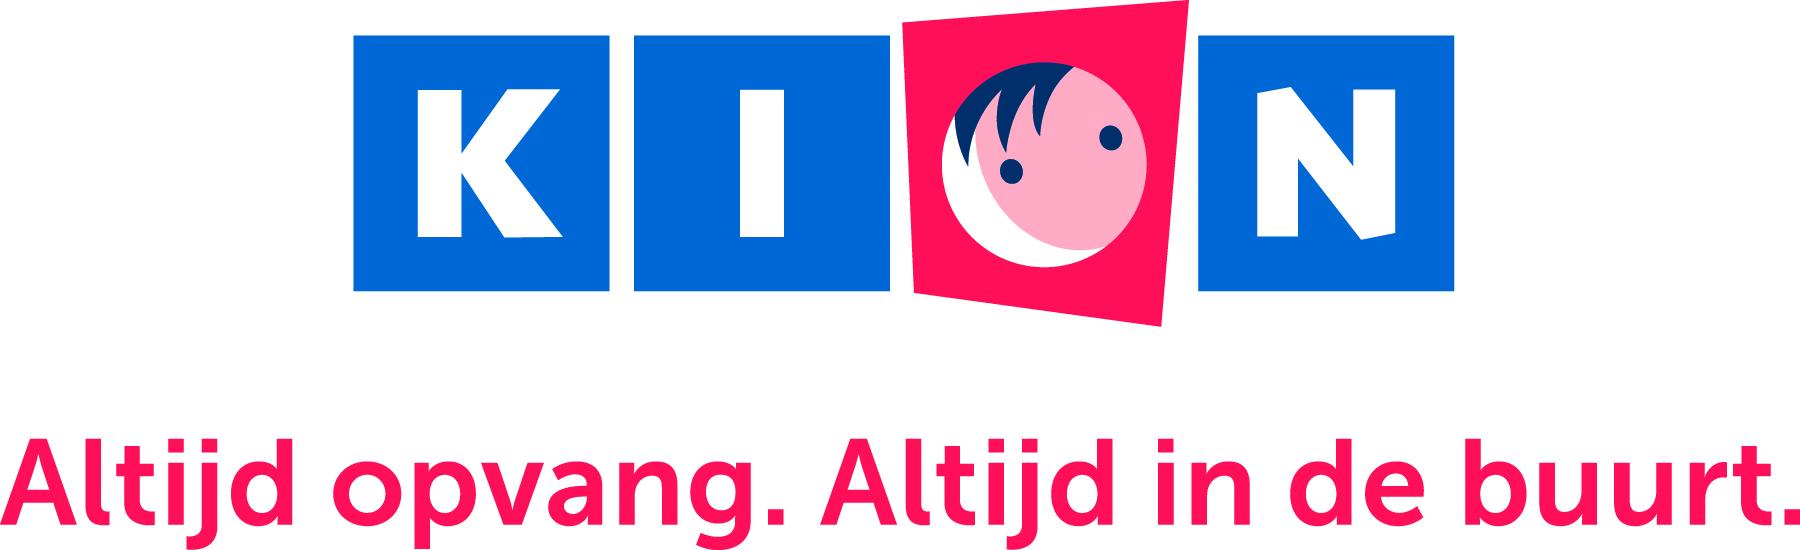 KION logo+ slogan lang kleur